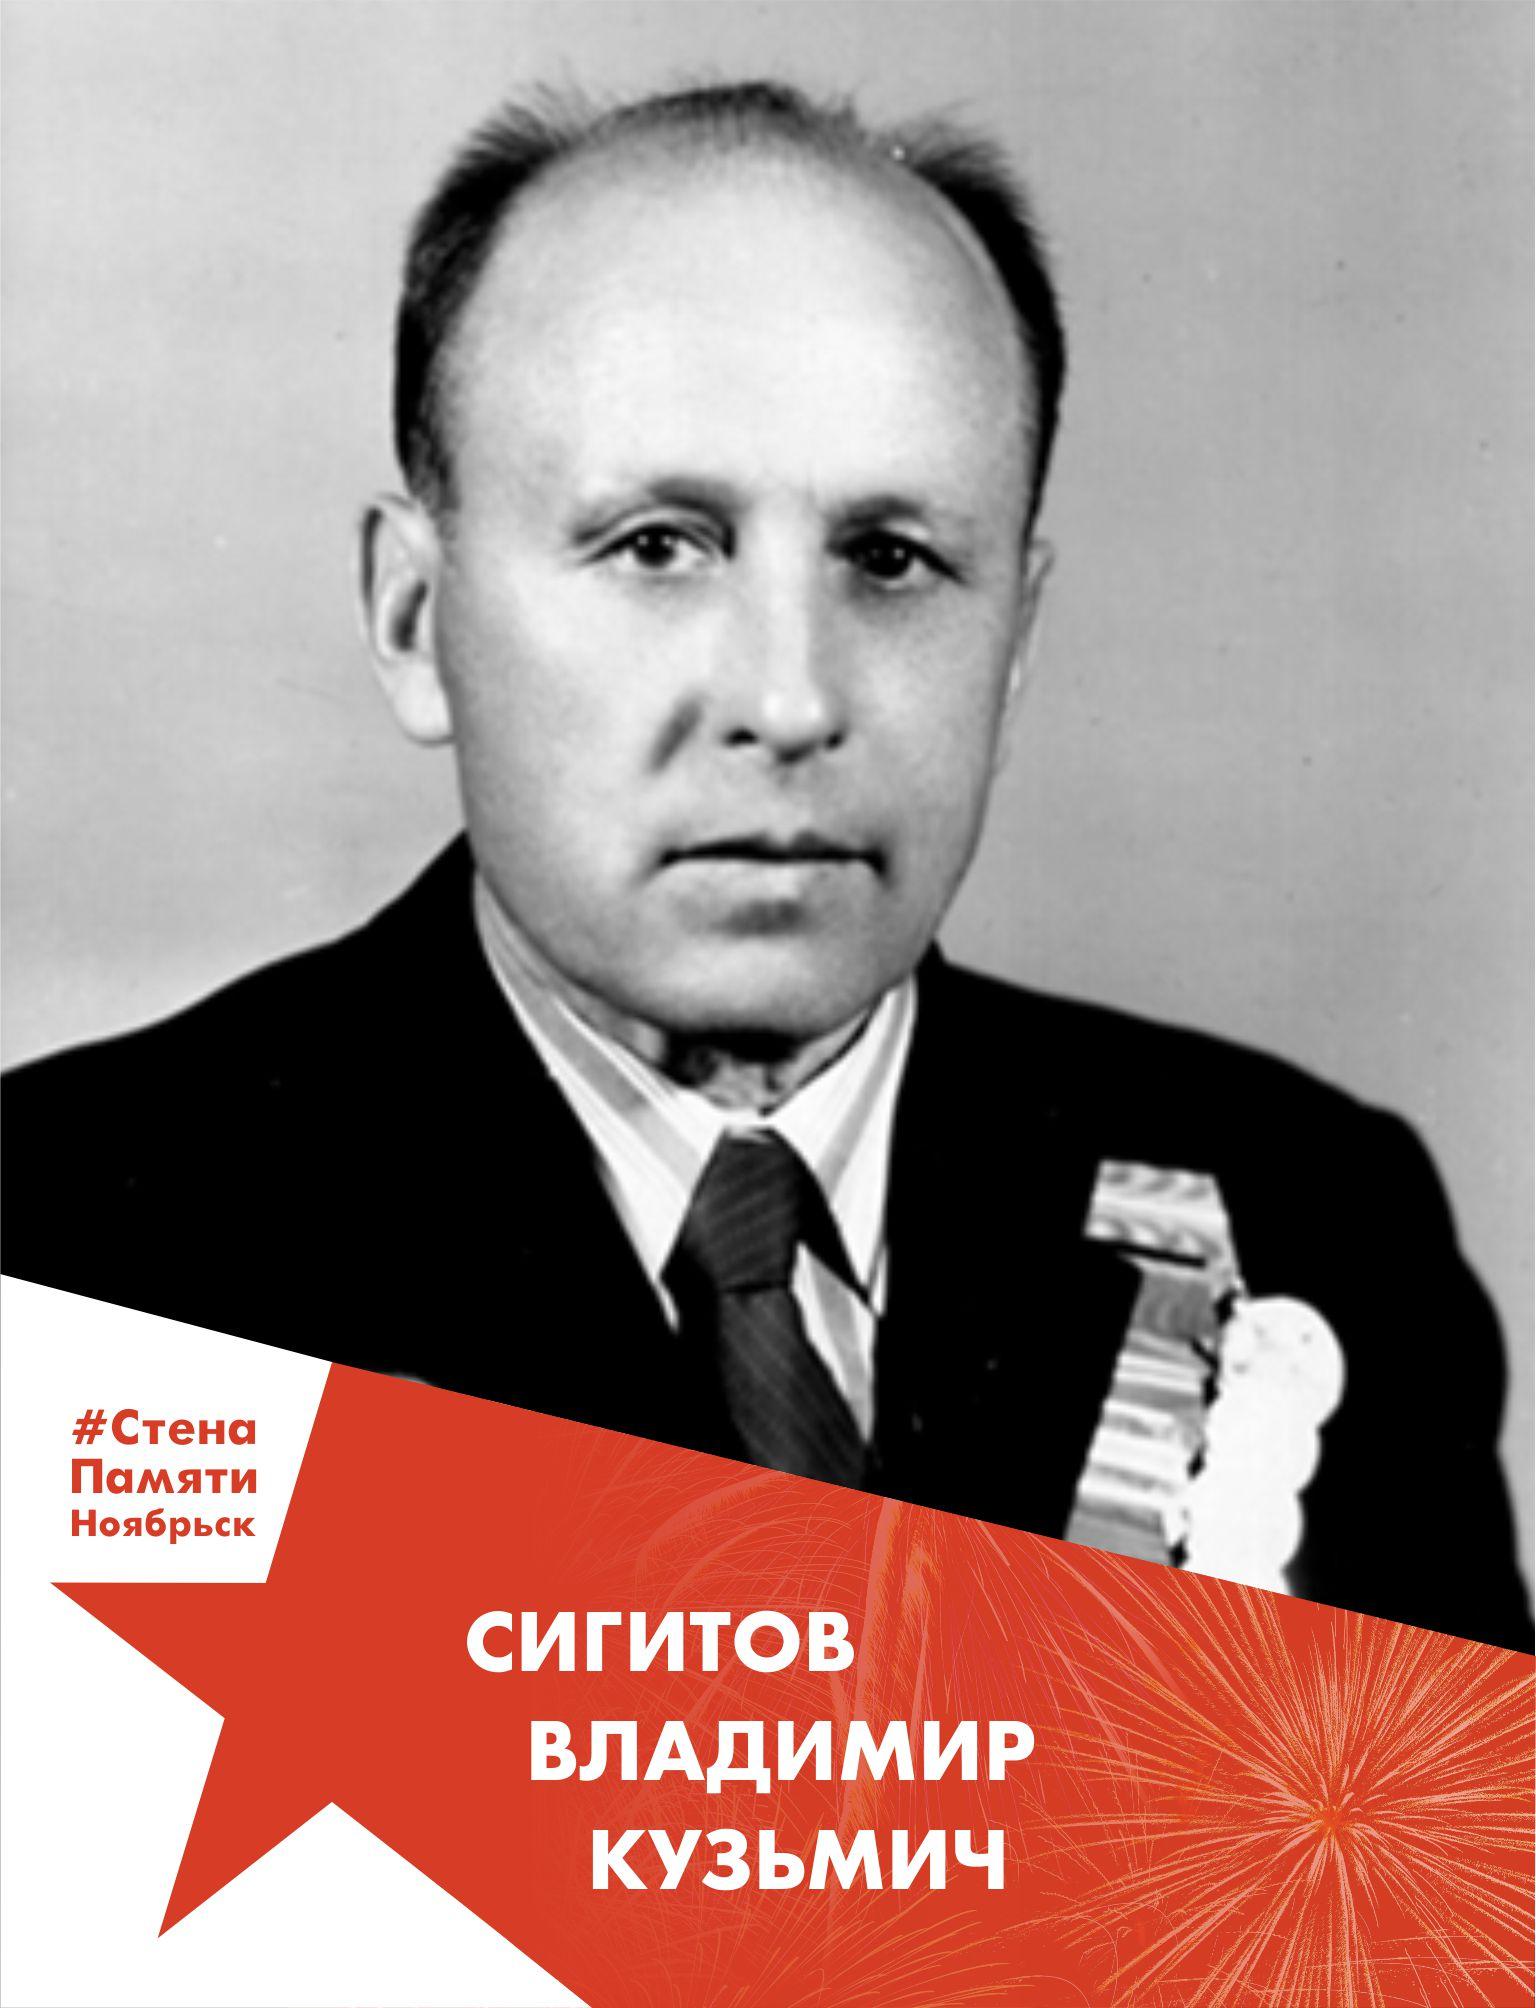 Сигитов Владимир Кузьмич